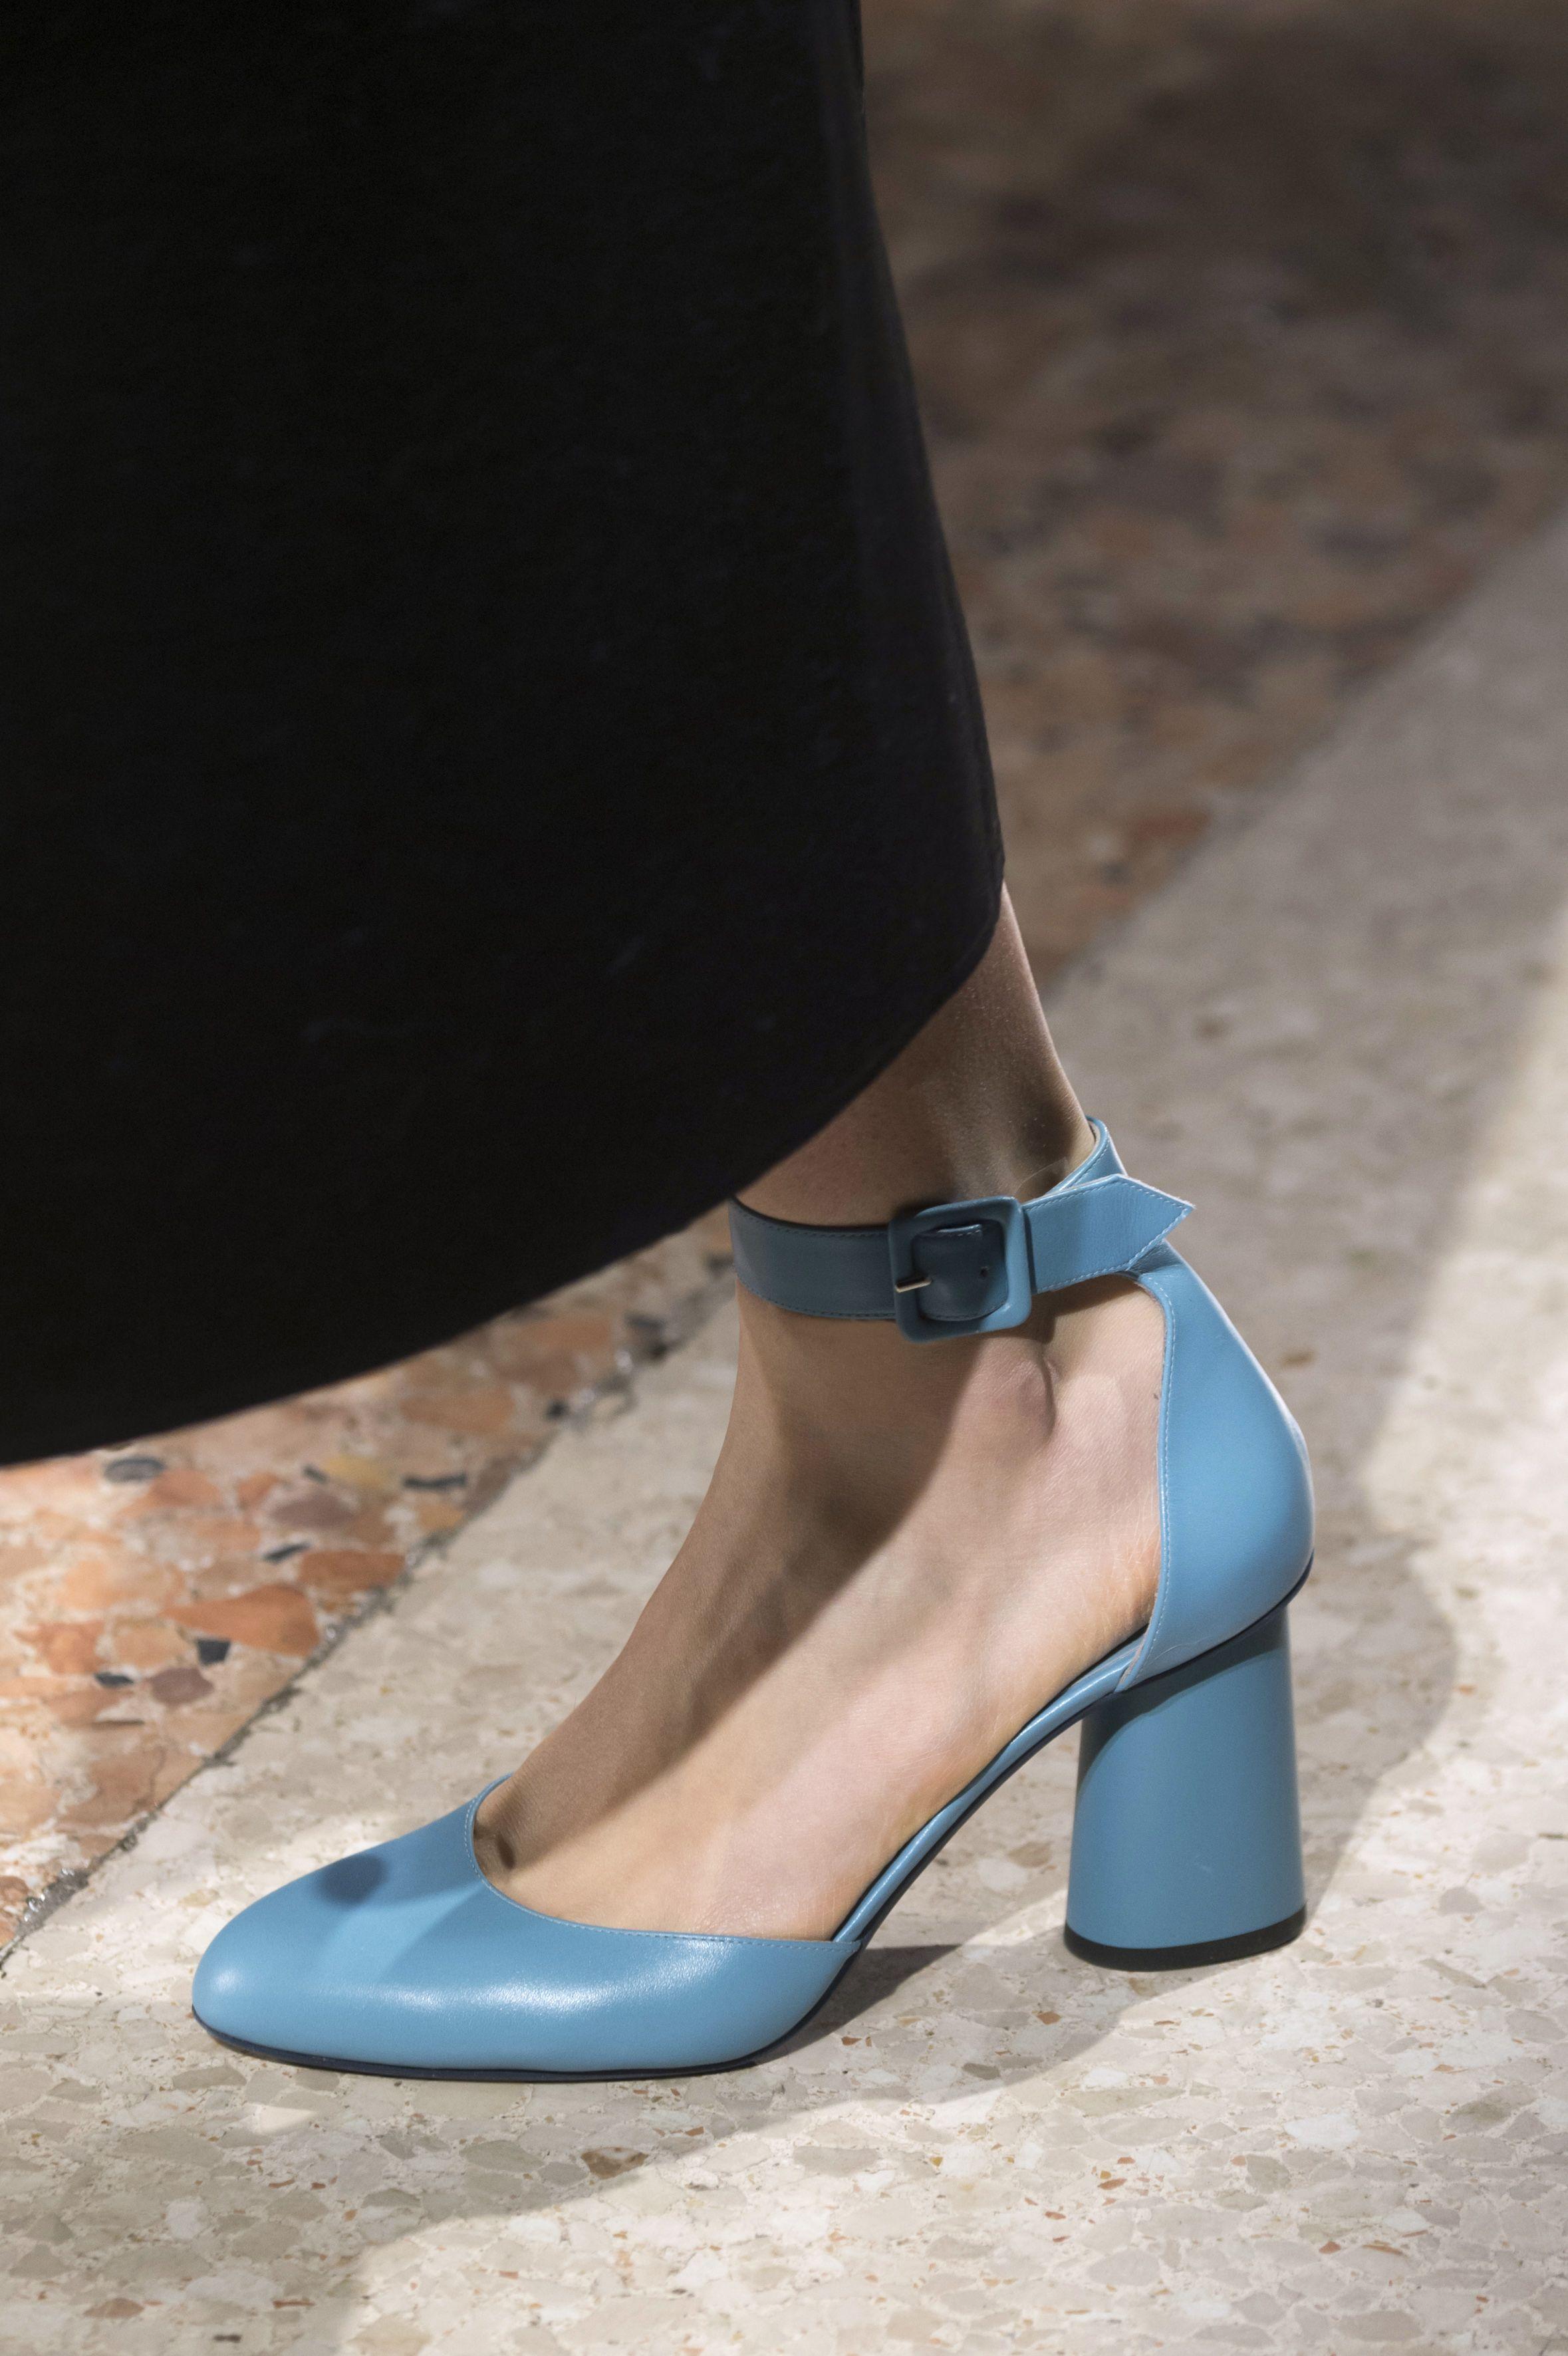 Le scarpe di moda per l Autunno Inverno 2018 2019 viste alle sfilate sono i  modelli che vorremmo avere SUBITO a692ac270db